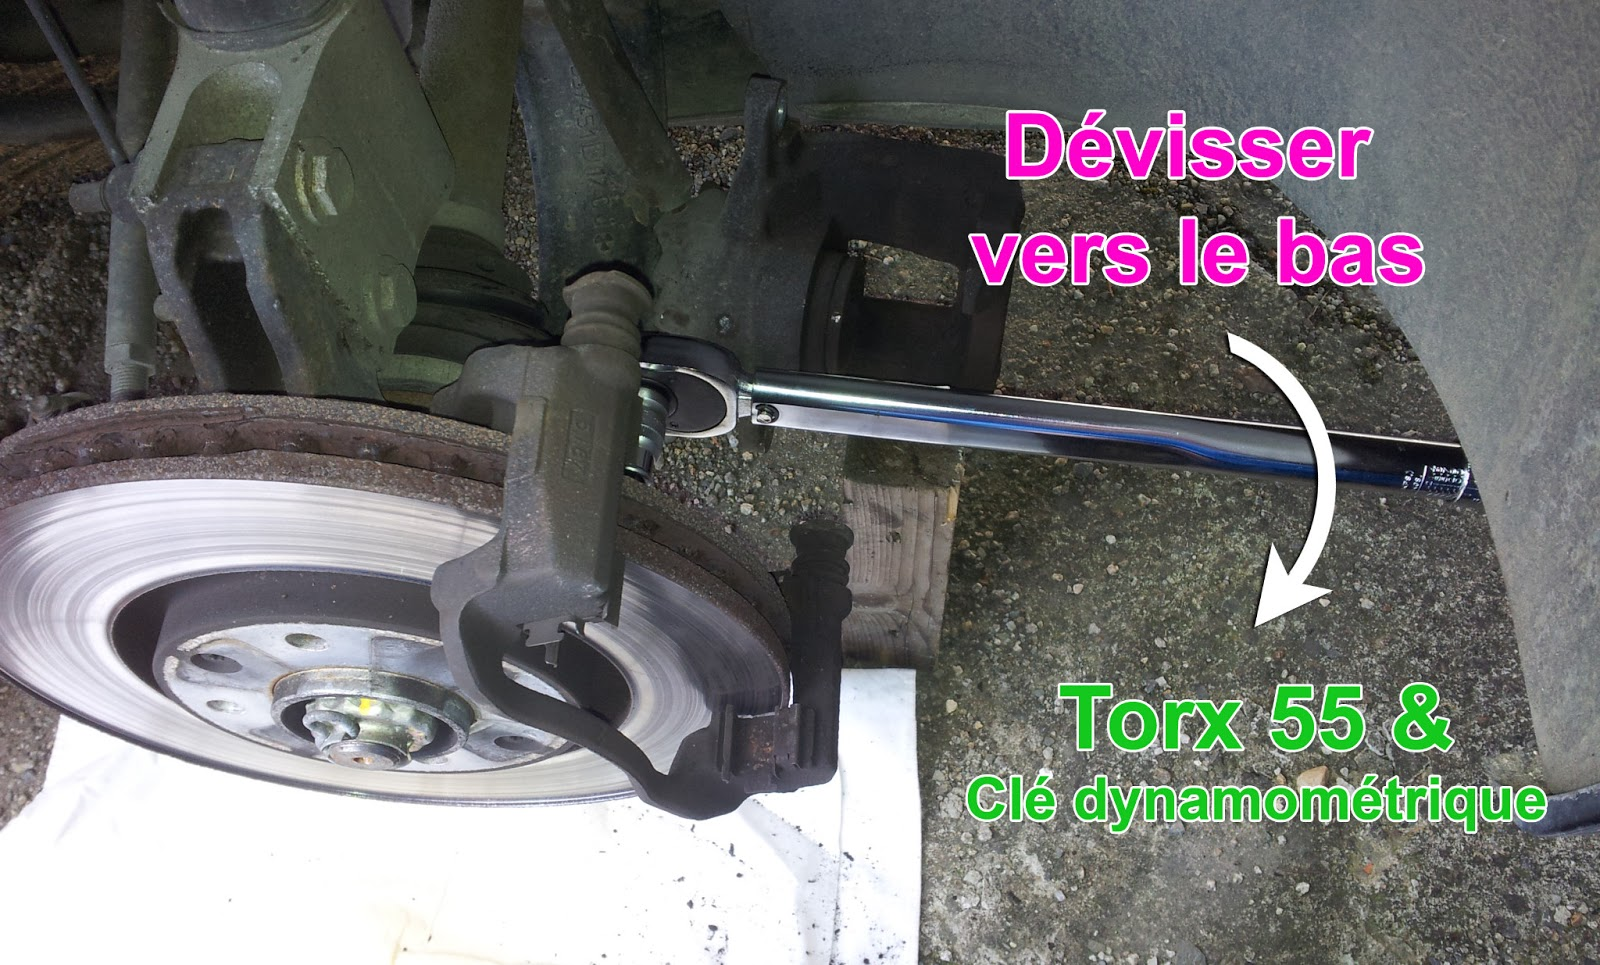 Golf 5 plus entretien m canique golf v plus peugeot - Cle torx 55 ...